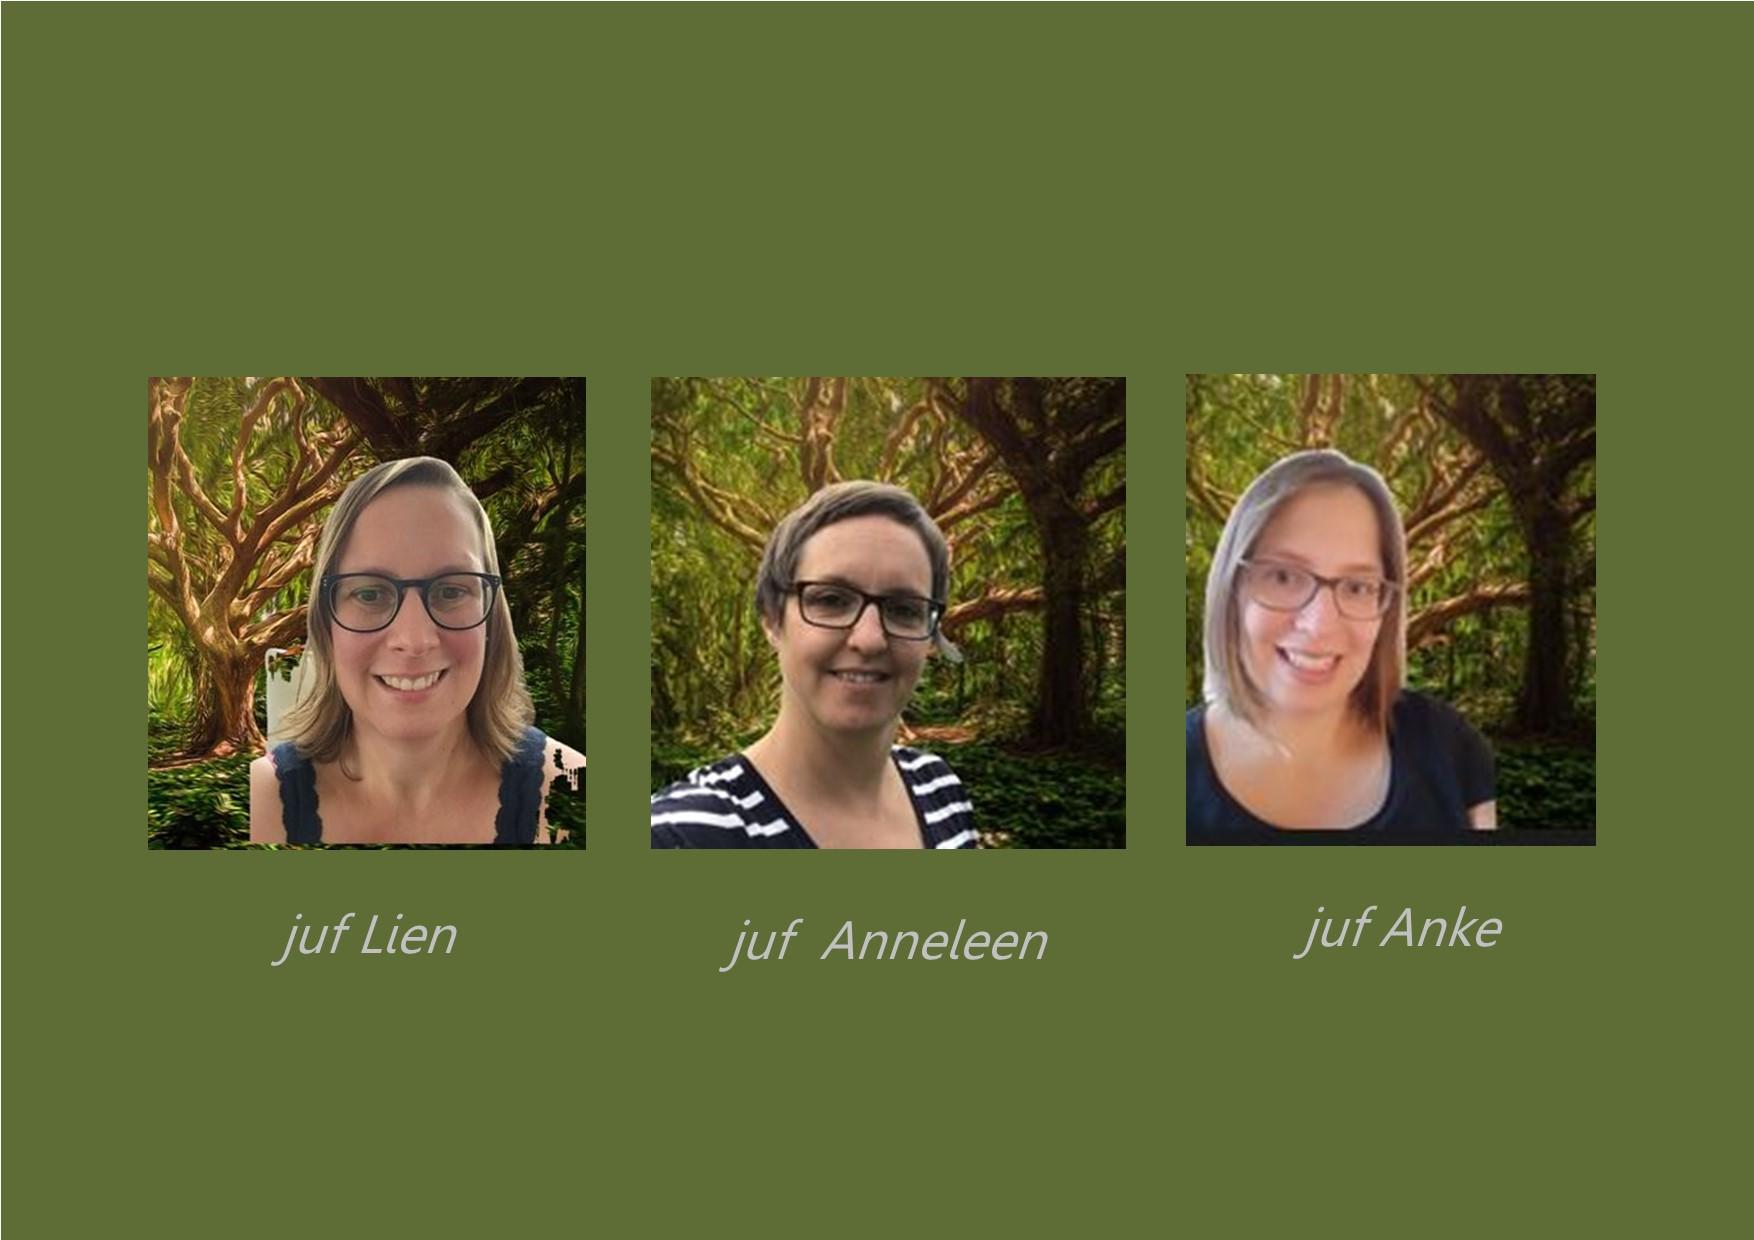 <p>1ste leerjaar: juf Lien en juf Anneleen, <br />co-teacher: juf Anke en juf Annelies</p>